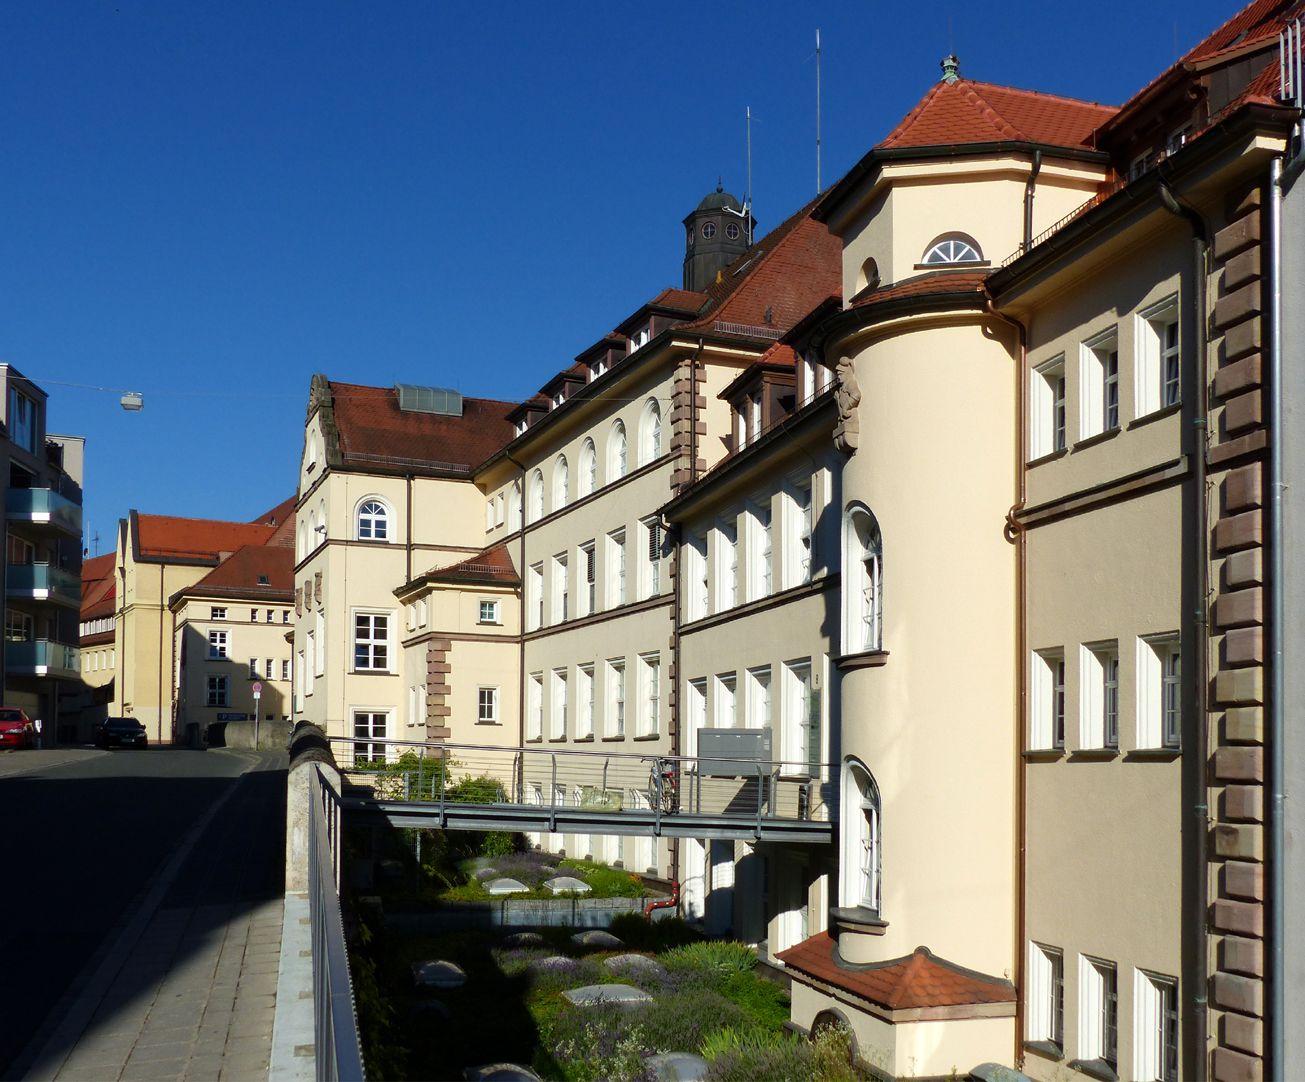 ehemalige Allgemeine Ortskrankenkasse Graben mit Rückfassade, Mühlgasse